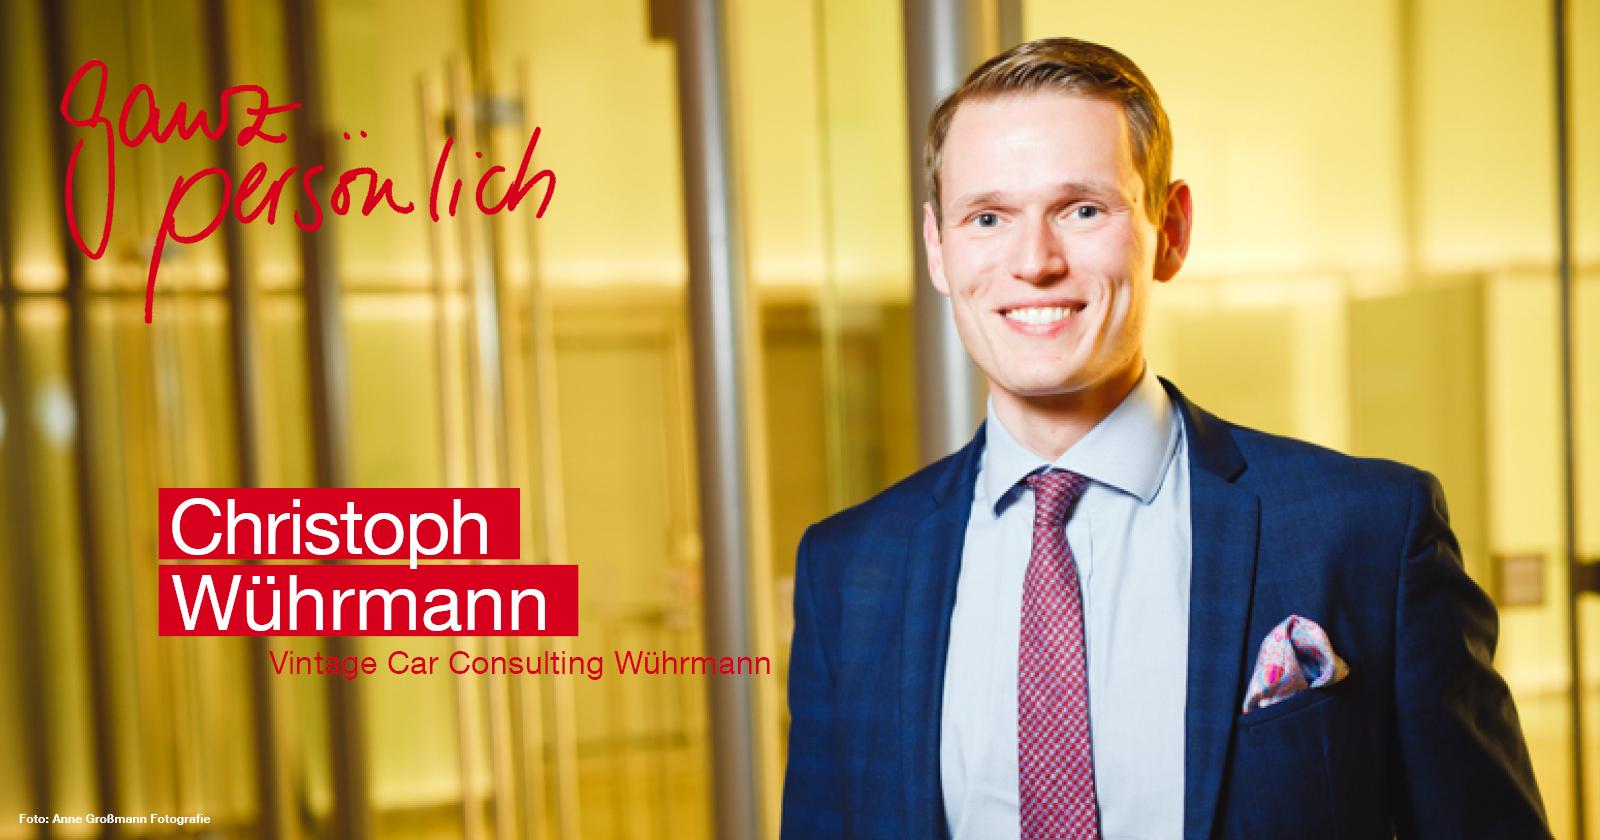 Ganz Persönlich - Christoph Wührmann